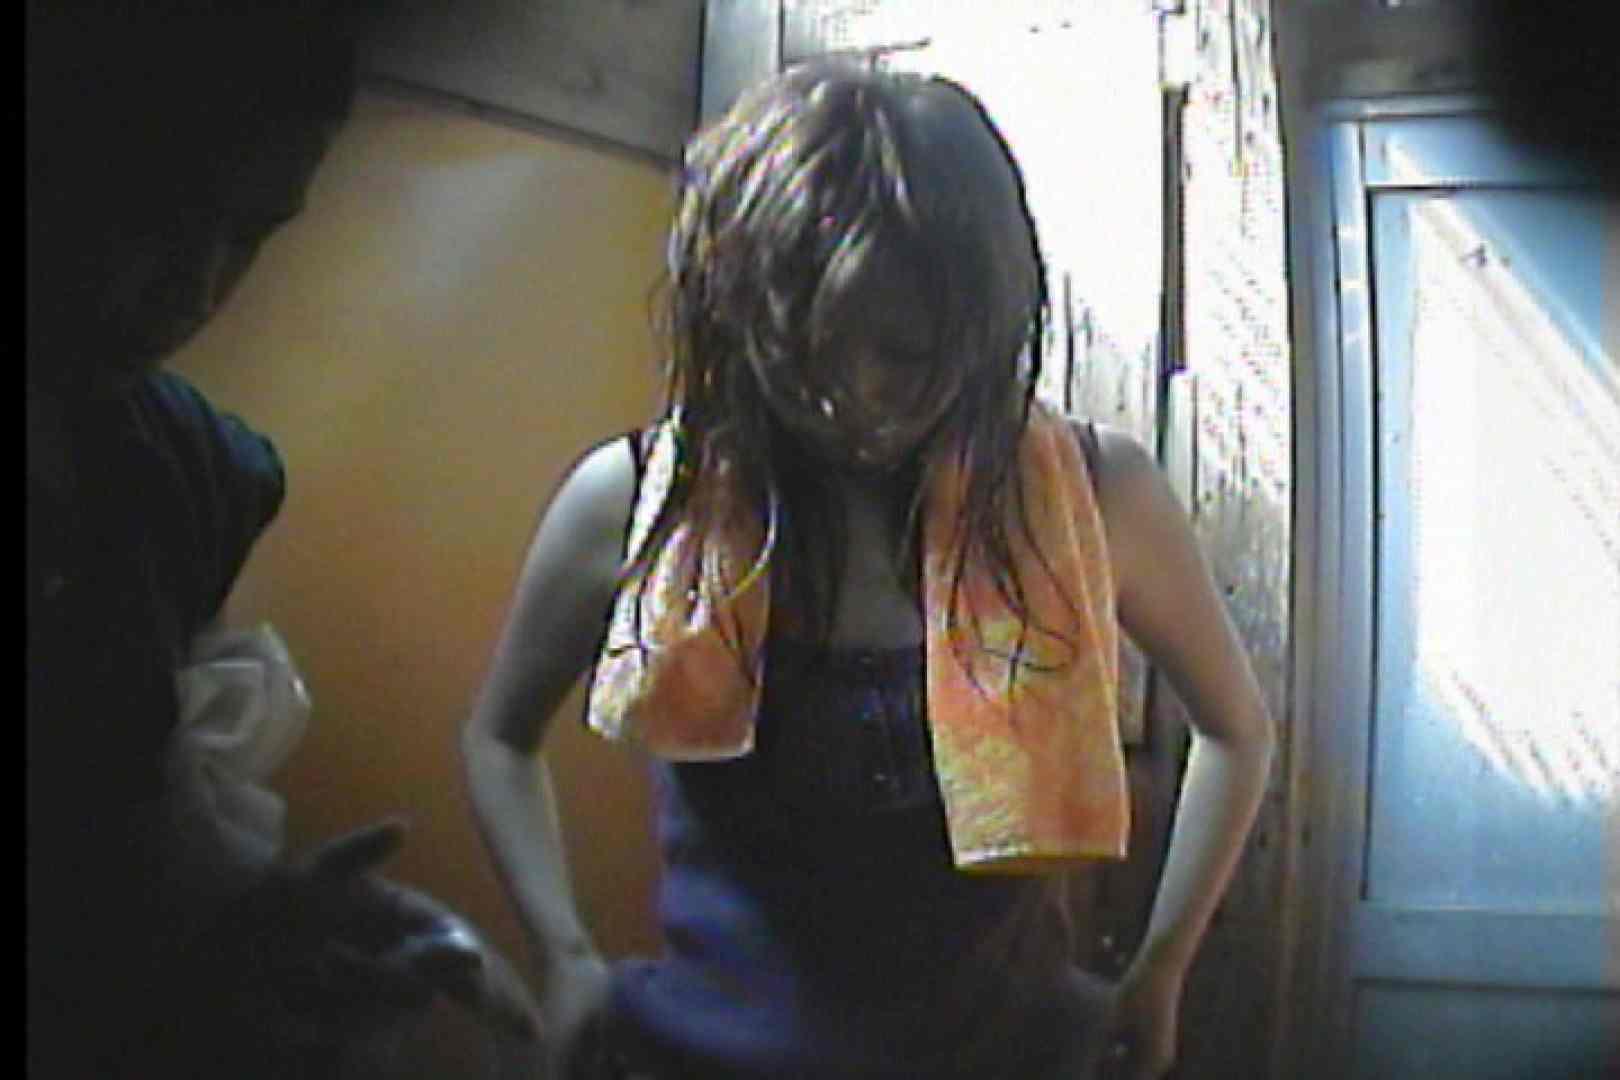 海の家の更衣室 Vol.47 OLの実態 盗撮おまんこ無修正動画無料 95pic 92